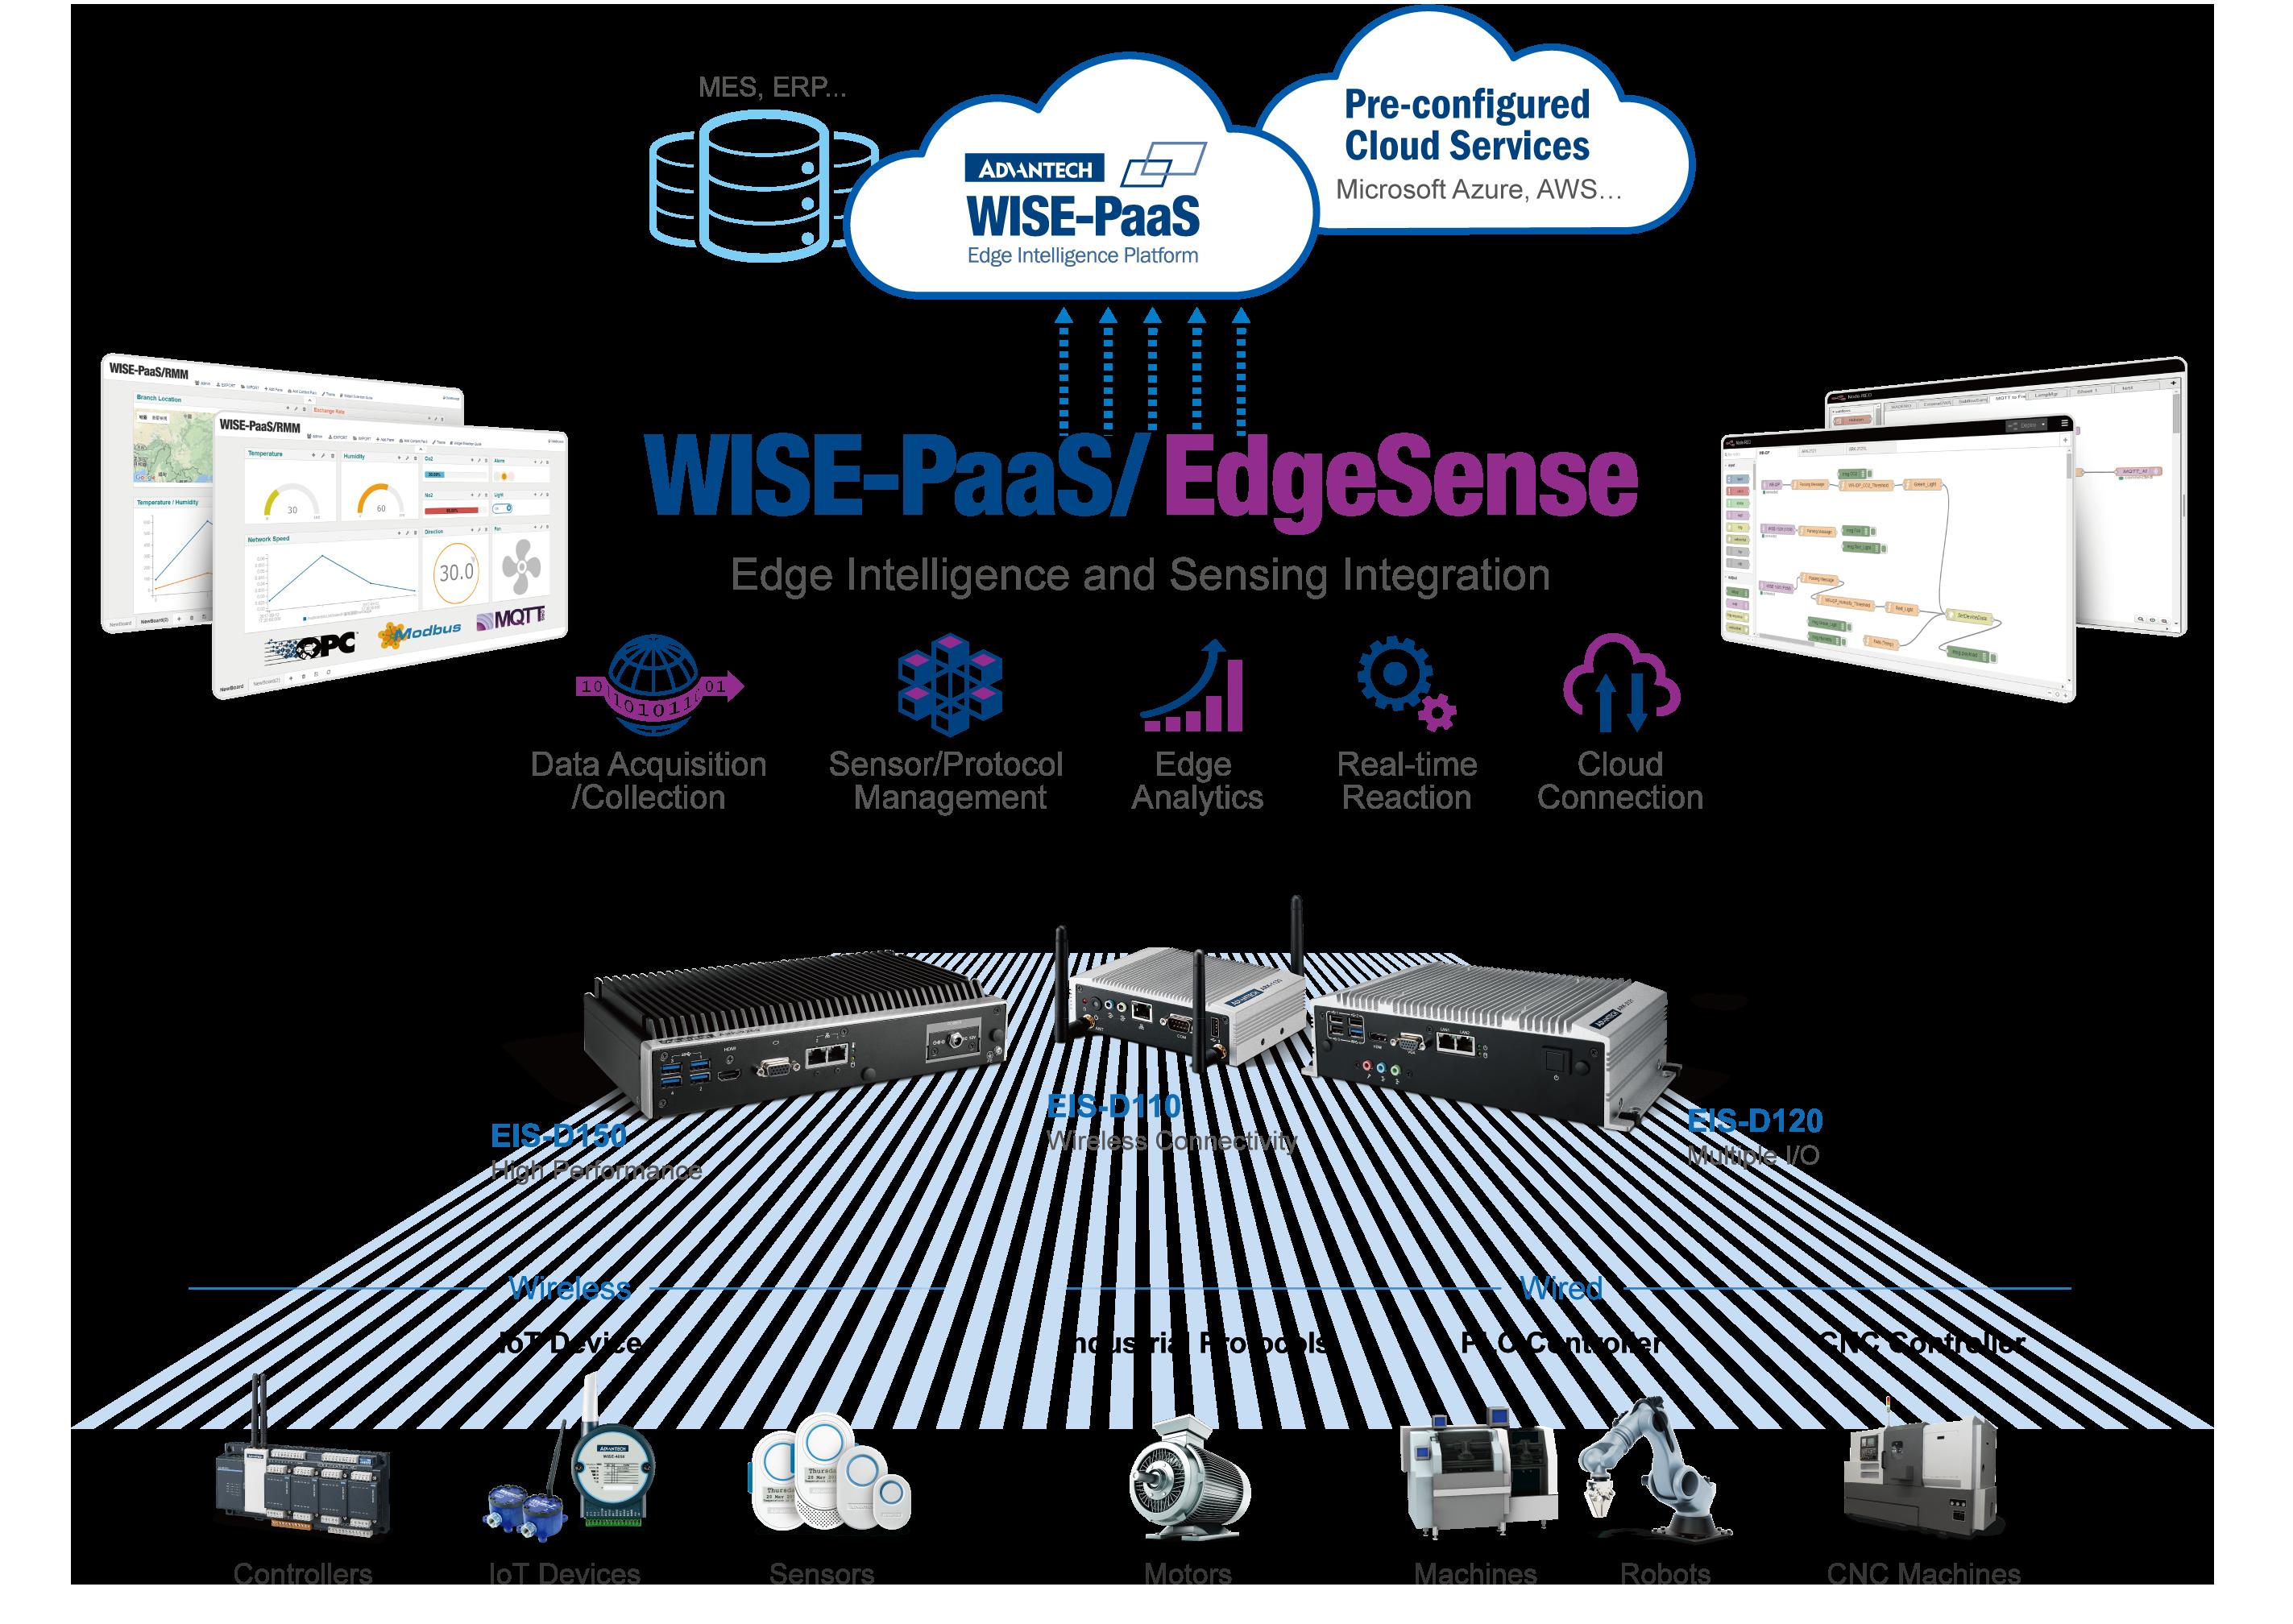 研华新一代高性能边缘智能服务器,采用WISE-P...